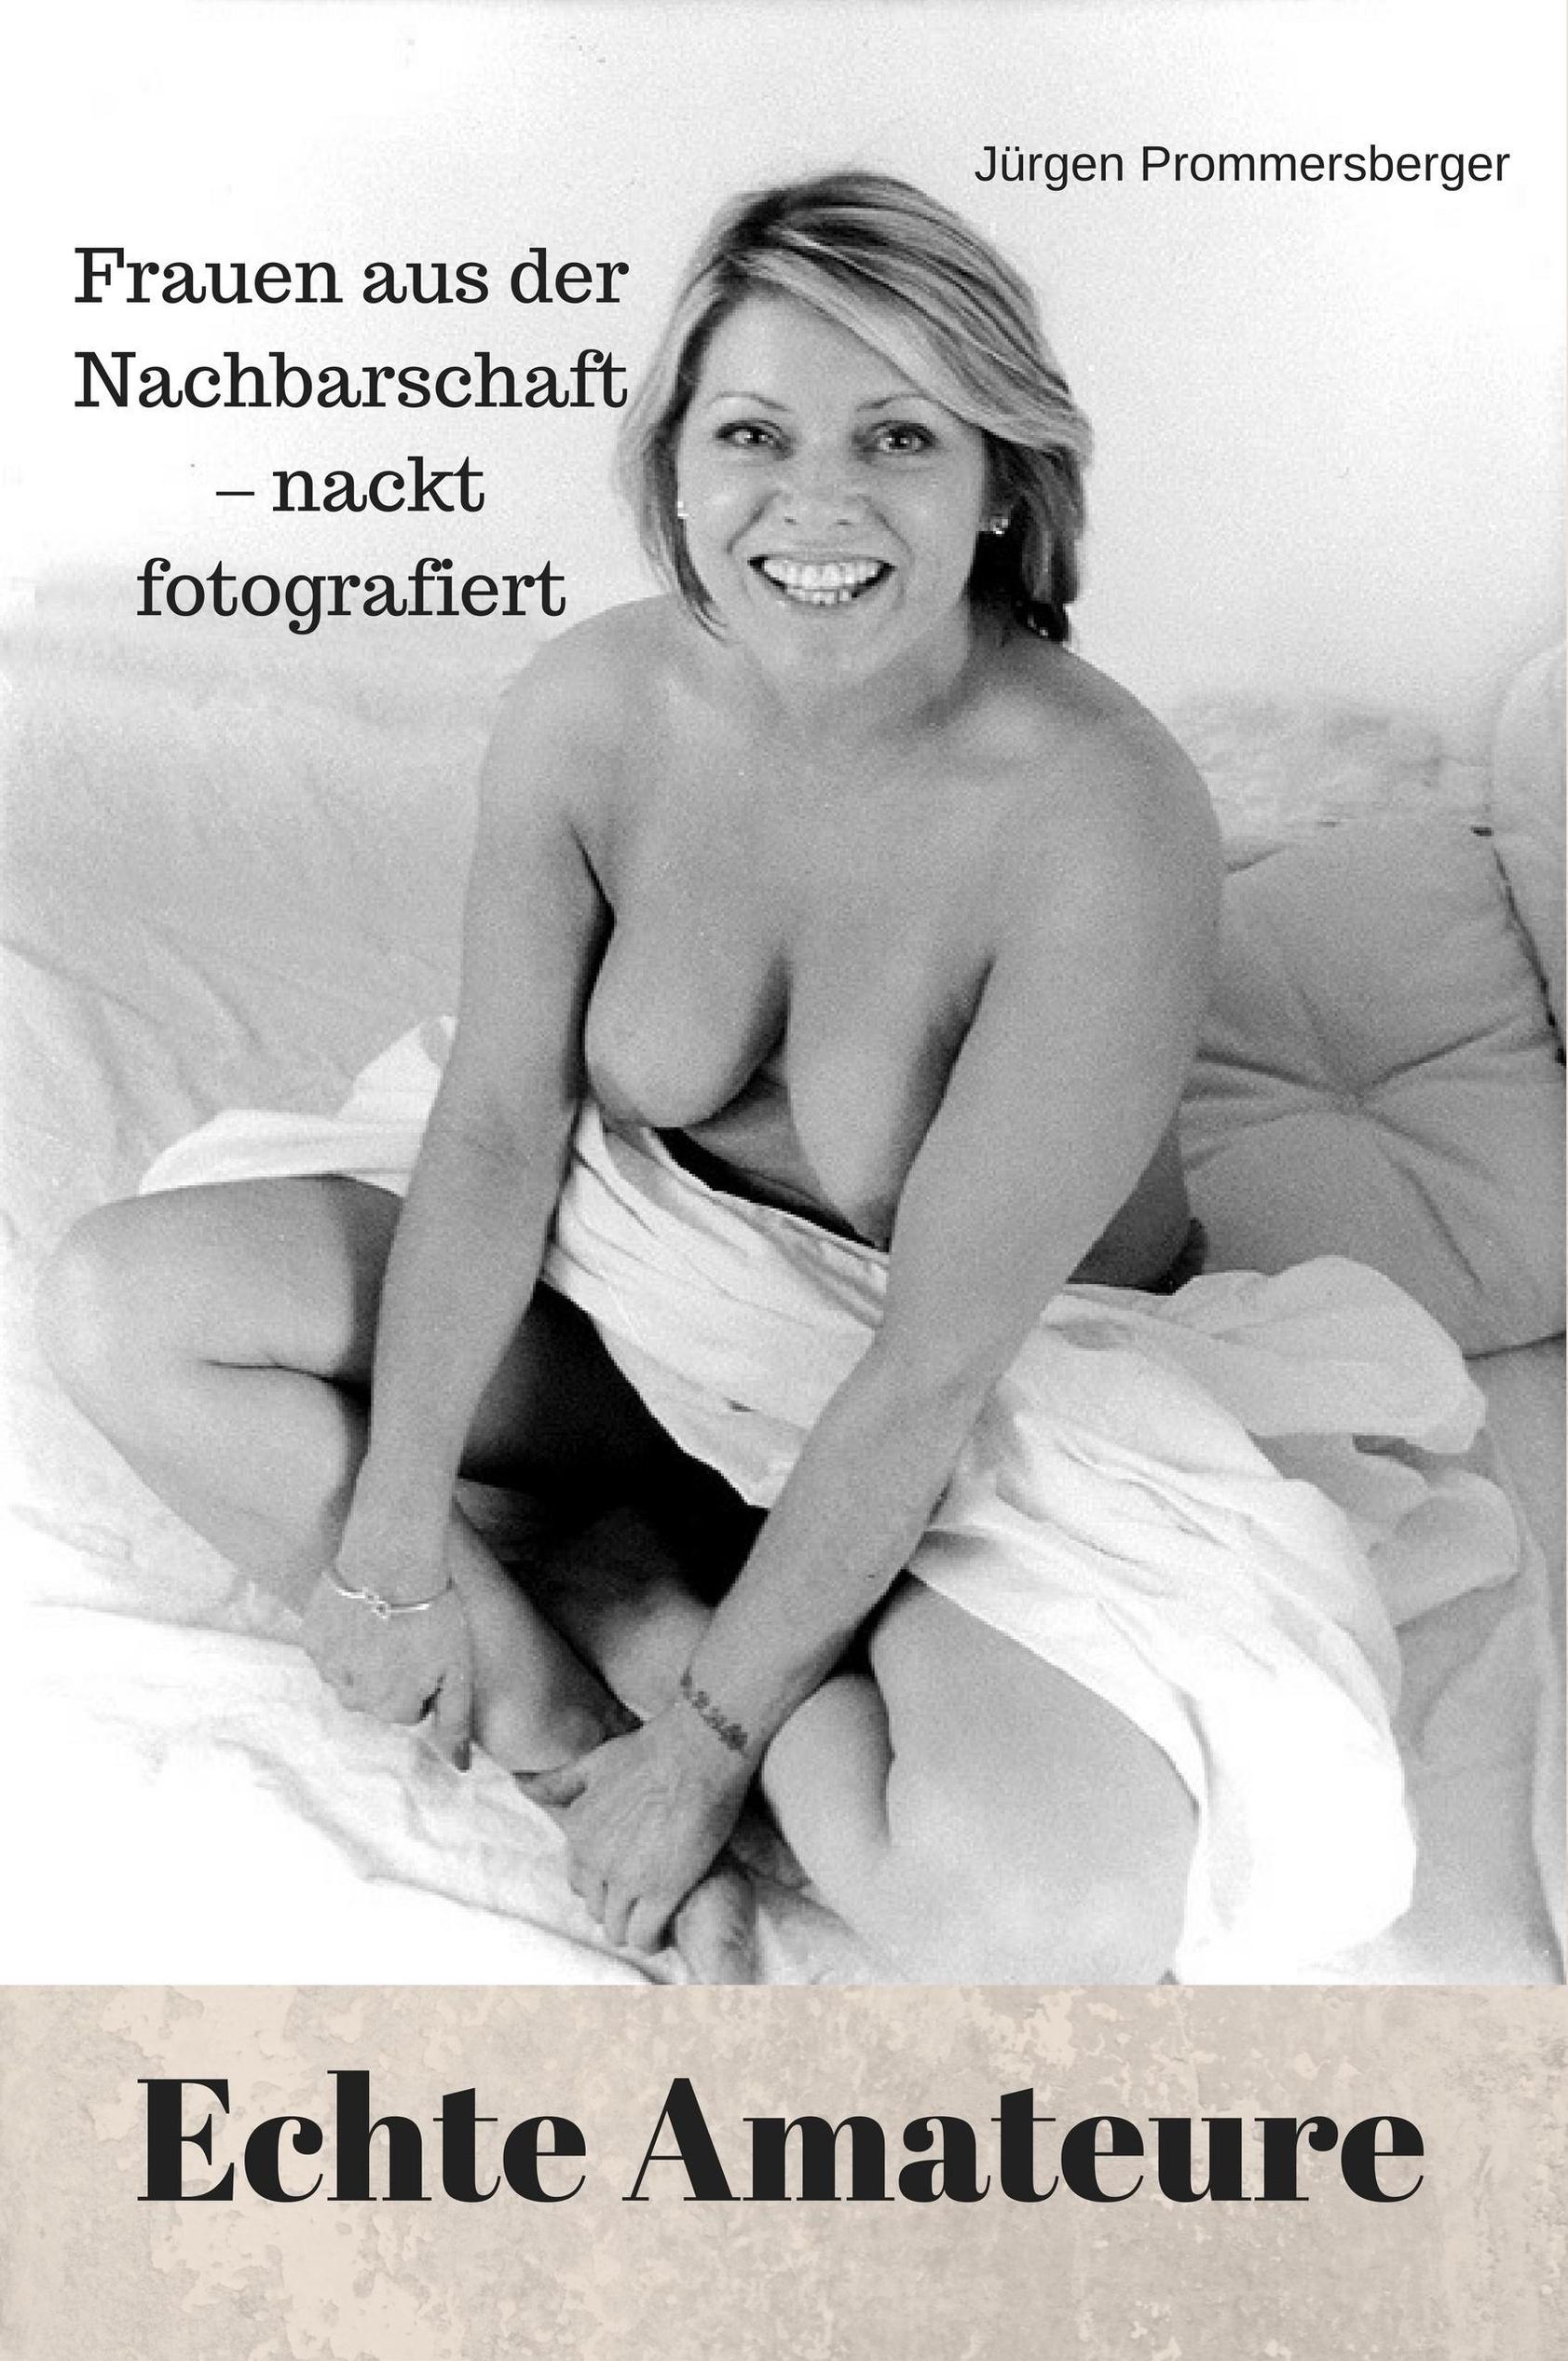 nackt bilder und namen der sterne